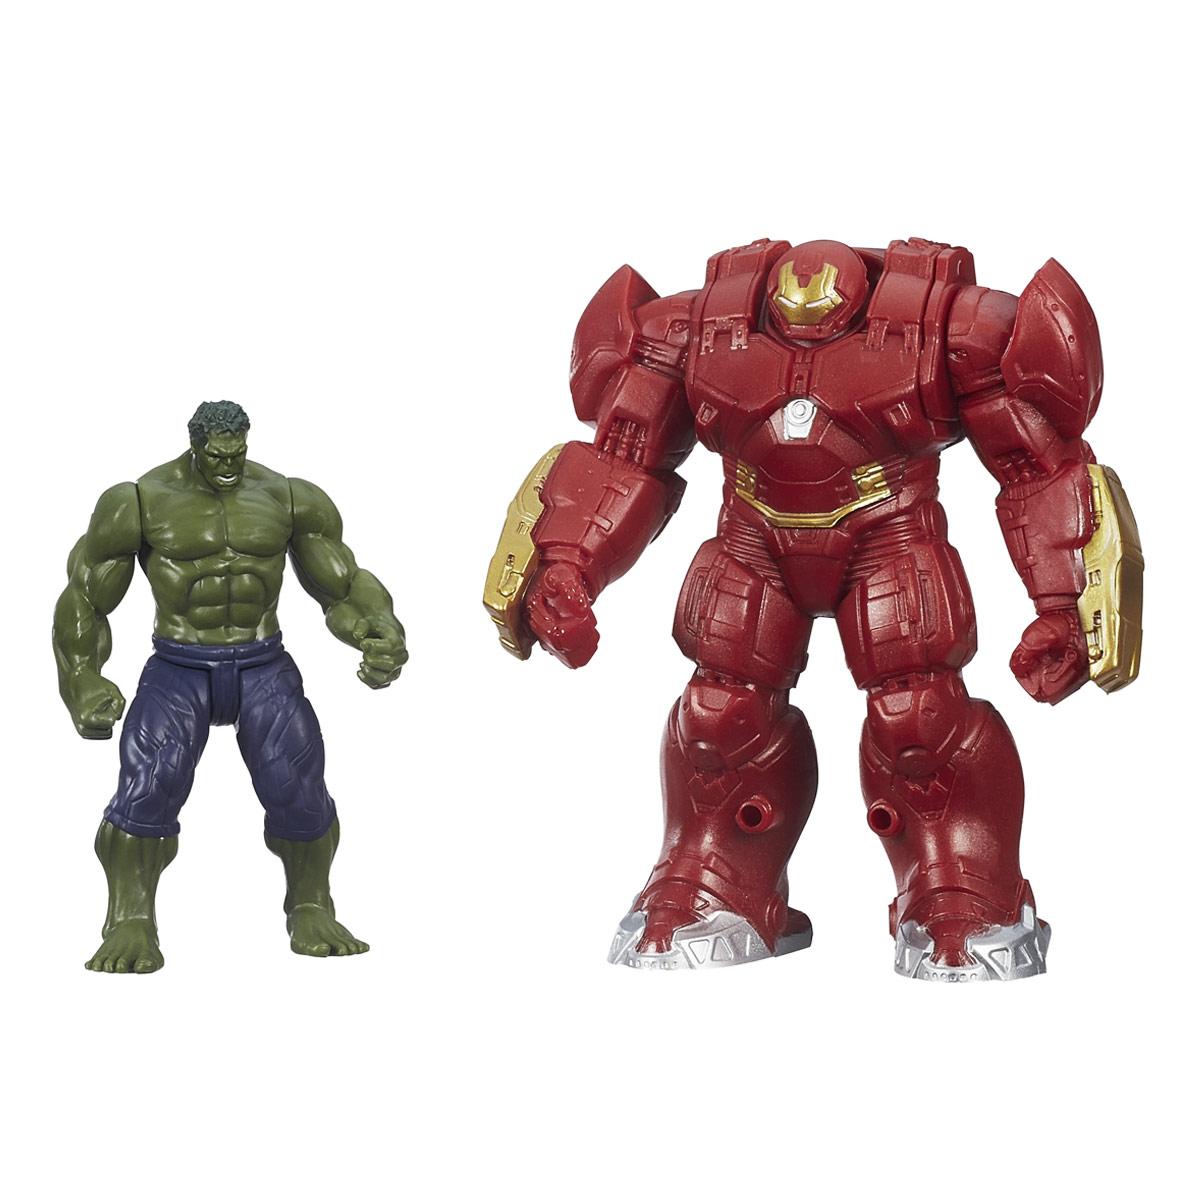 Игровой набор Avengers Hulk & Hulk BusterB5769EU4_B1500Игровой набор Avengers Hulk & Hulk Buster непременно привлечет внимание вашего ребенка и не позволит ему скучать. Набор включает в себя фигурку супергероя Халка и броню Hulk Buster, созданную специально для тренировок с Халком. Фигурки выполнены из прочного безопасного пластика. Они в точности повторяют внешний вид героев фильма. Голова, руки и ноги фигурок подвижны, что позволяет придавать им различные позы и открывает малышу неограниченный простор для игр. Броня Hulk Buster открывается, внутрь можно поместить мини-фигурку супергероя (в комплект не входит). Фигурки отличаются высоким качеством исполнения и детализации. Такой набор обязательно понравится вашему малышу, и он проведет множество счастливых мгновений, играя с ним и придумывая различные истории.